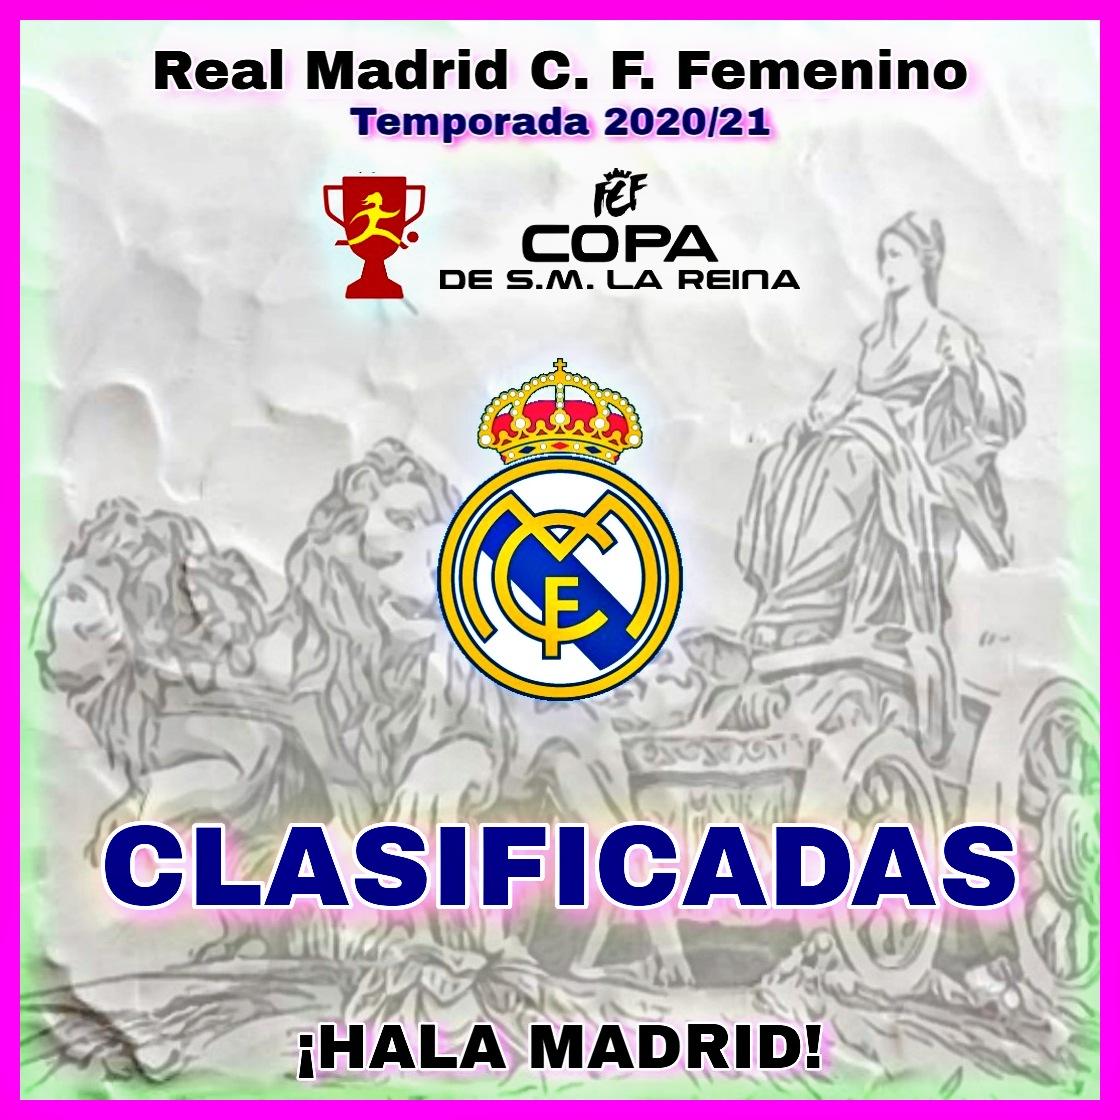 Las chicas del #RealMadridCFFem estan clasificadas para la #CopaDeLaReina 😍💪 #HalaMadrid🤍🤍